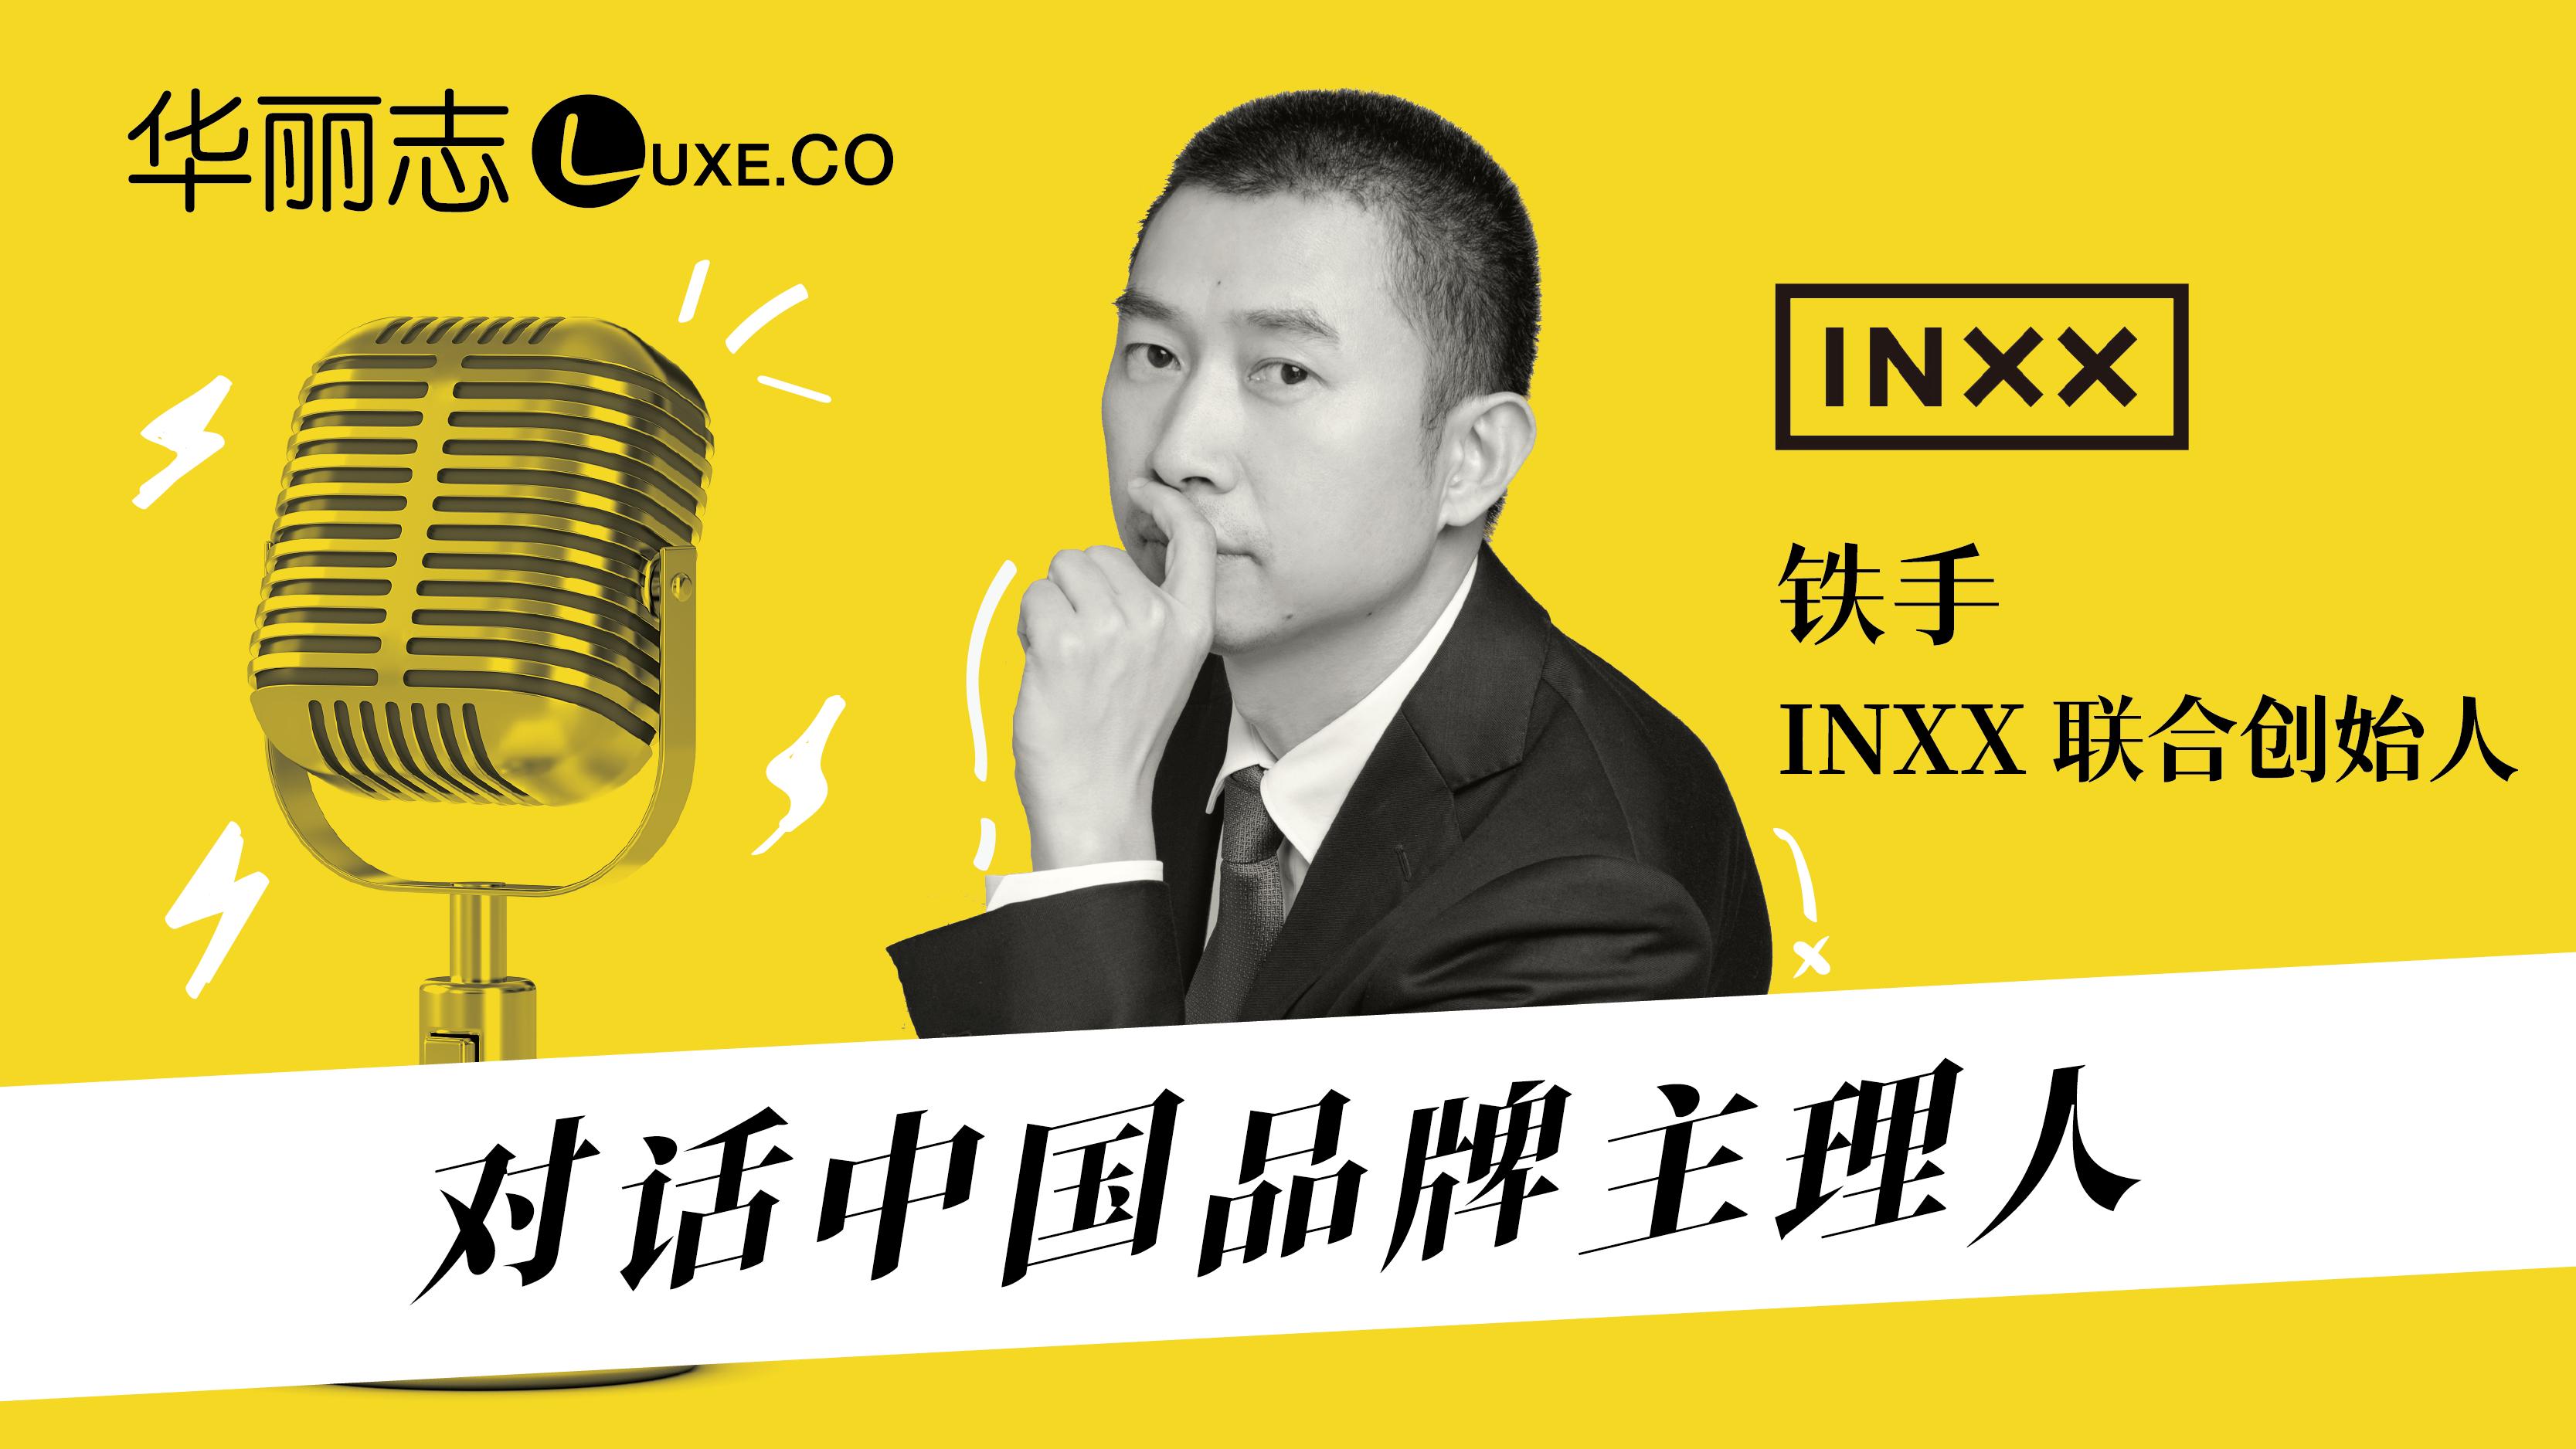 音频实录 | INXX 联合创始人铁手:年轻人的审美更高了!